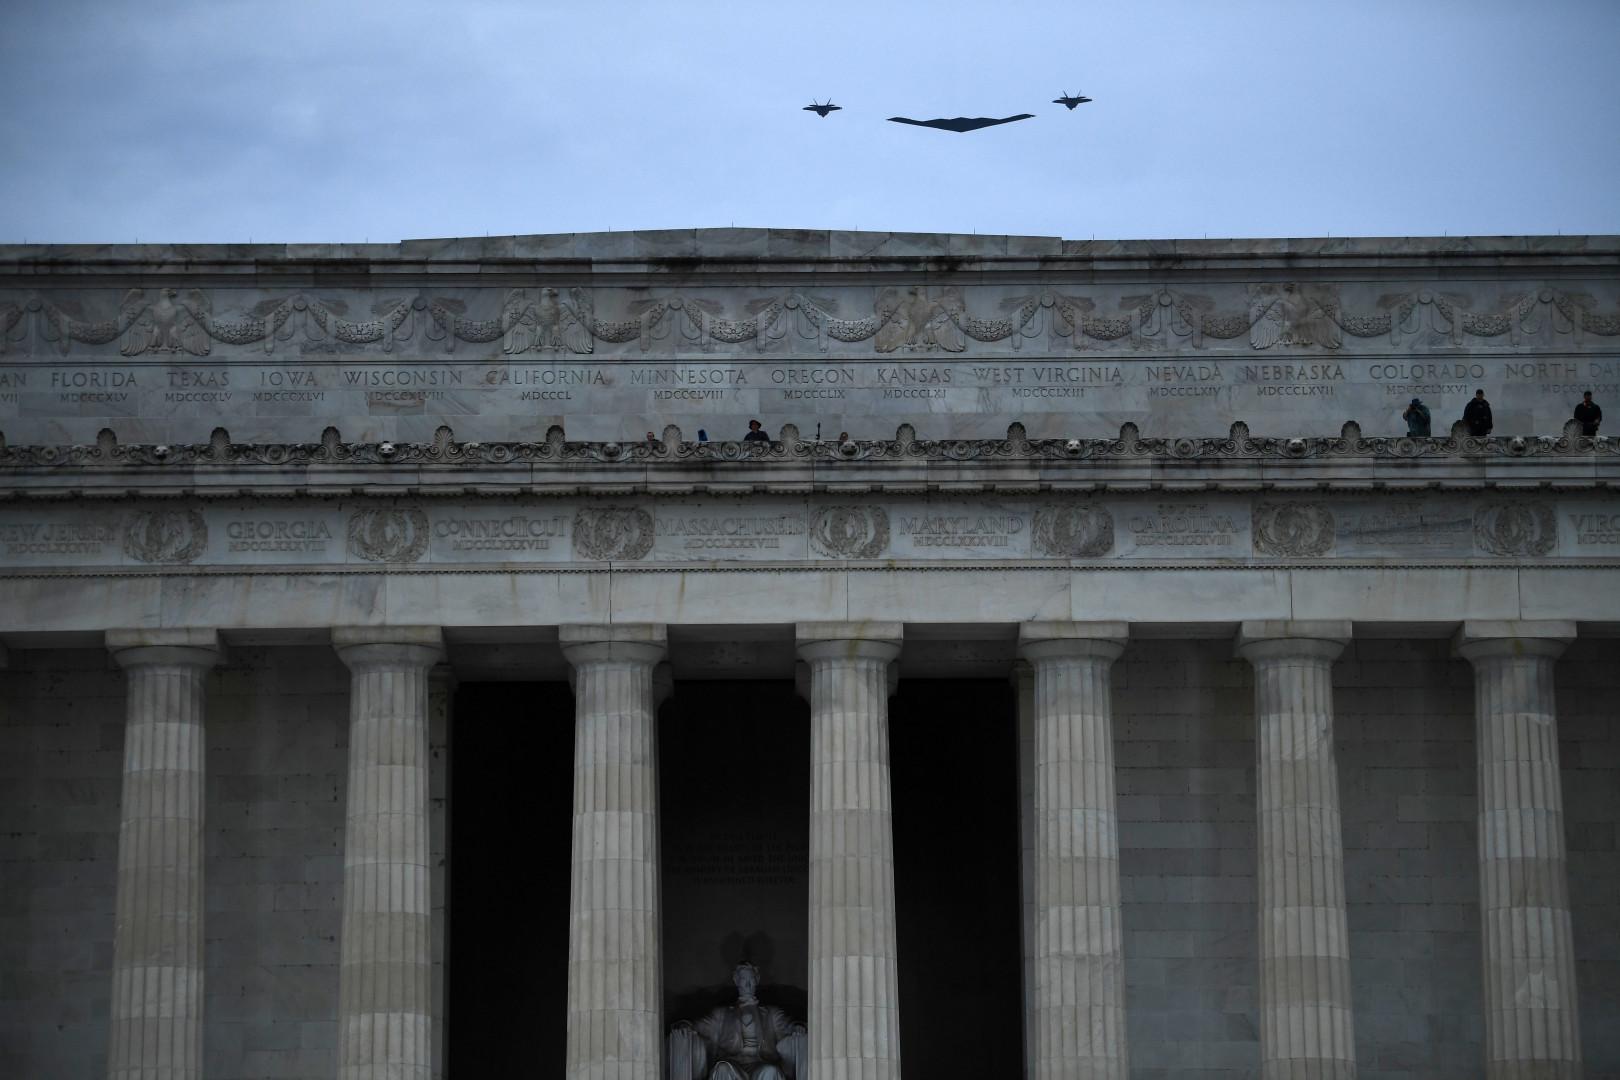 Le discours du président fut entrecoupé du survol de l'A B-2 Spirit, escorté par deux F-22 Raptors.